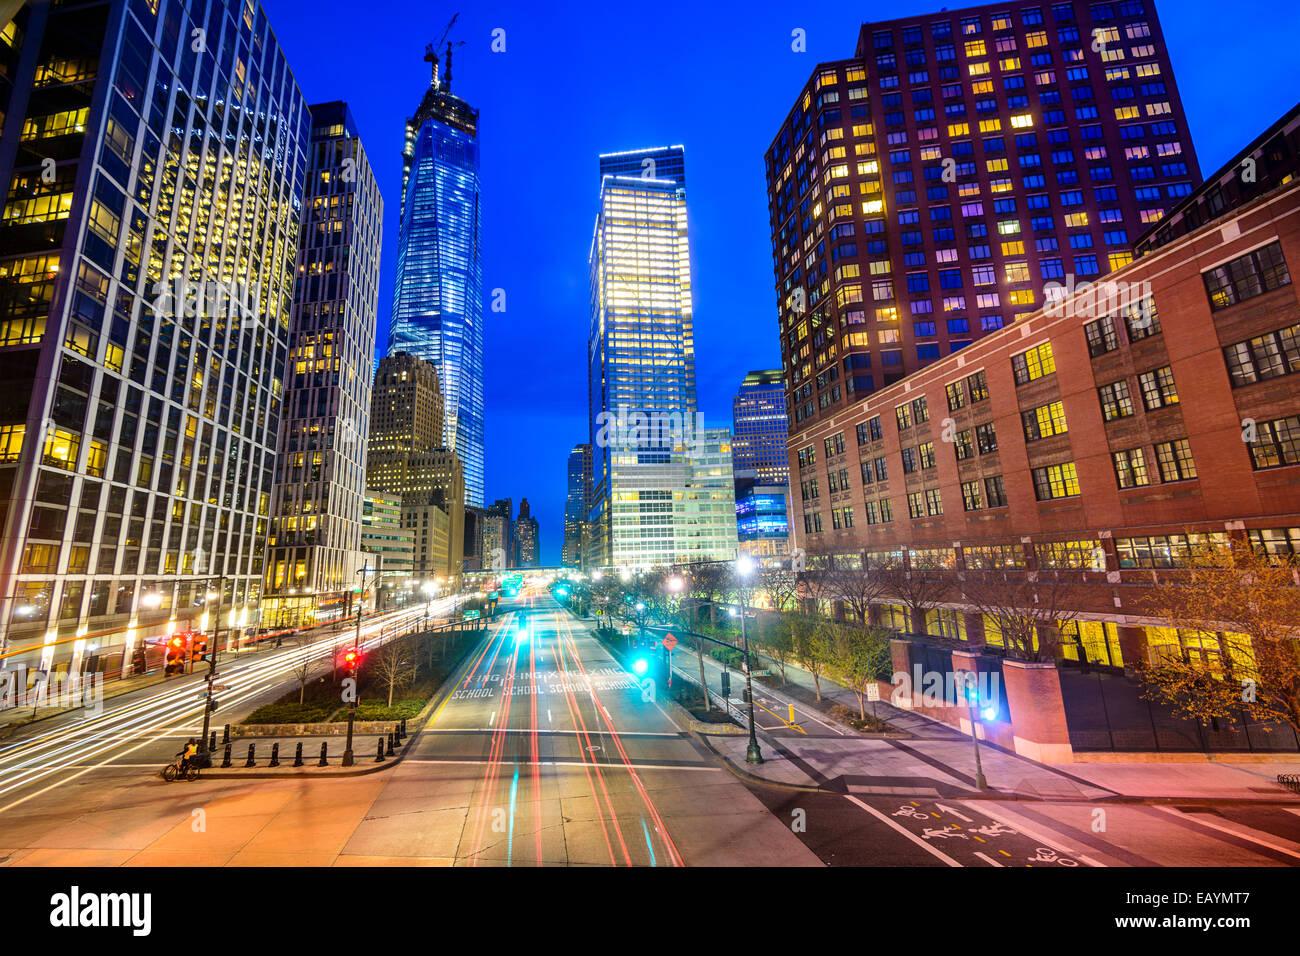 El paisaje urbano de la ciudad de Nueva York en el Bajo Manhattan. Imagen De Stock